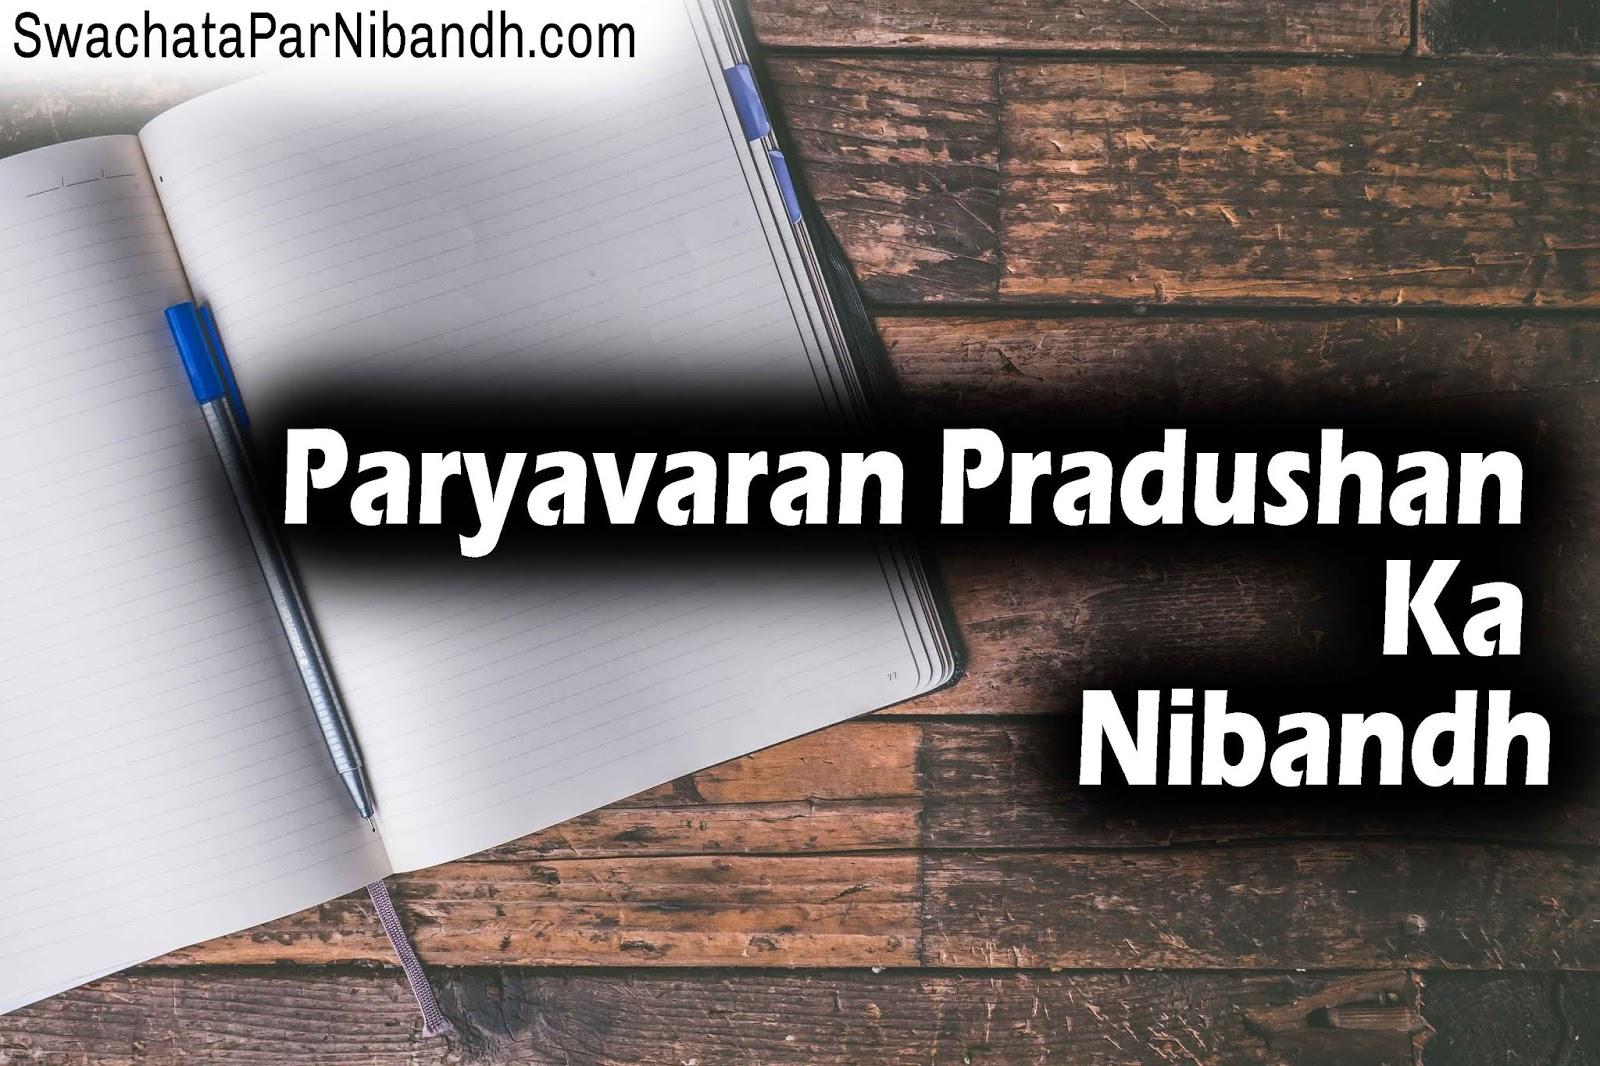 Paryavaran Pradushan Essay In Hindi, Paryavaran Pradushan Ka Nibandh, Paryavaran Pradushan Nibandh, Paryavaran Pradushan Par Nibandh, पर्यावरण प्रदूषण पर निबंध,